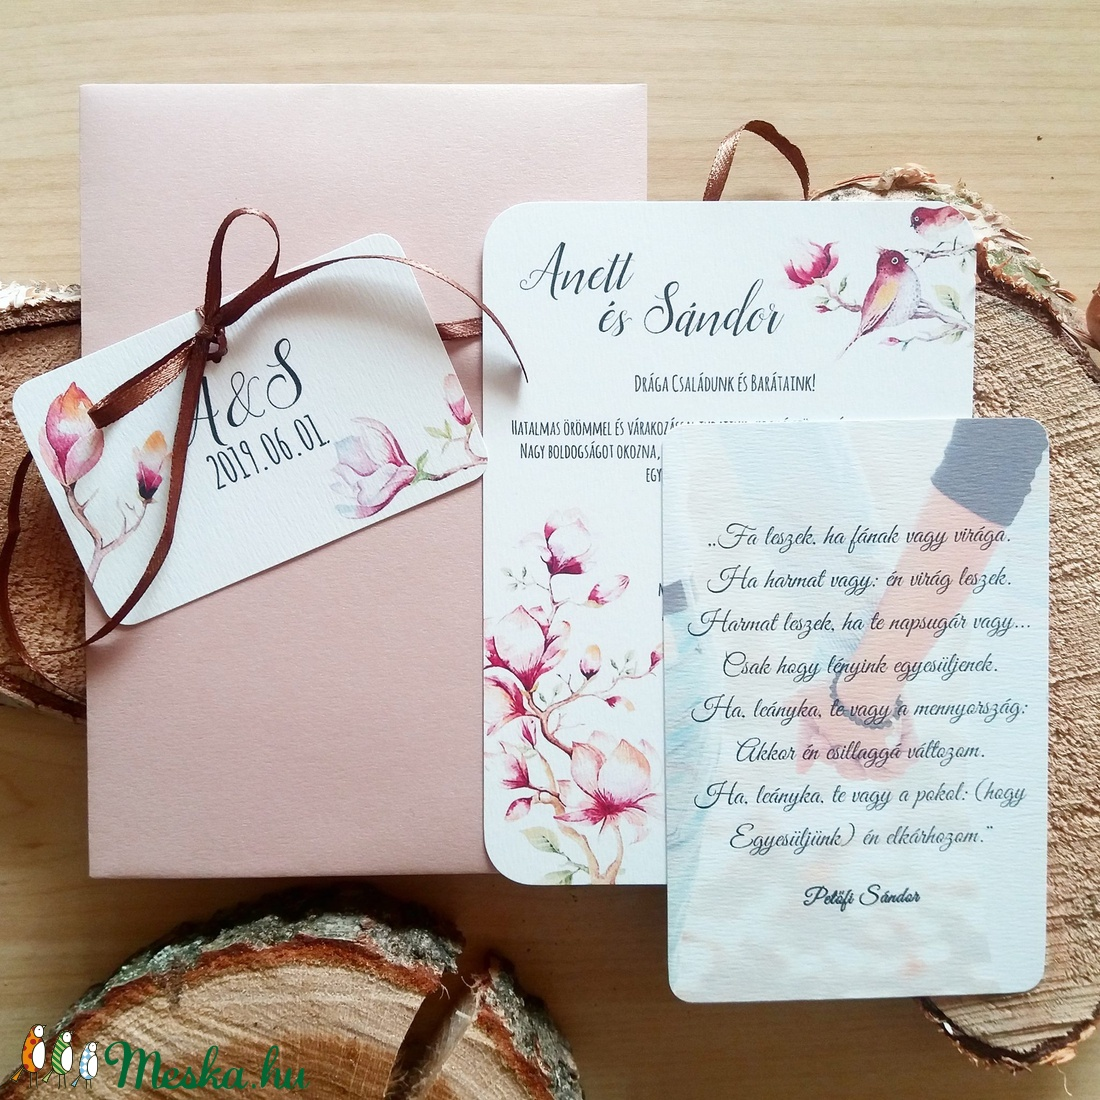 37a49af5c5 Magnóliafa, Esküvői meghívó, tulipán fa, magnólia, madár, madaras, rózsa,  elegáns, romantikus, virágos meghívó, meghívó